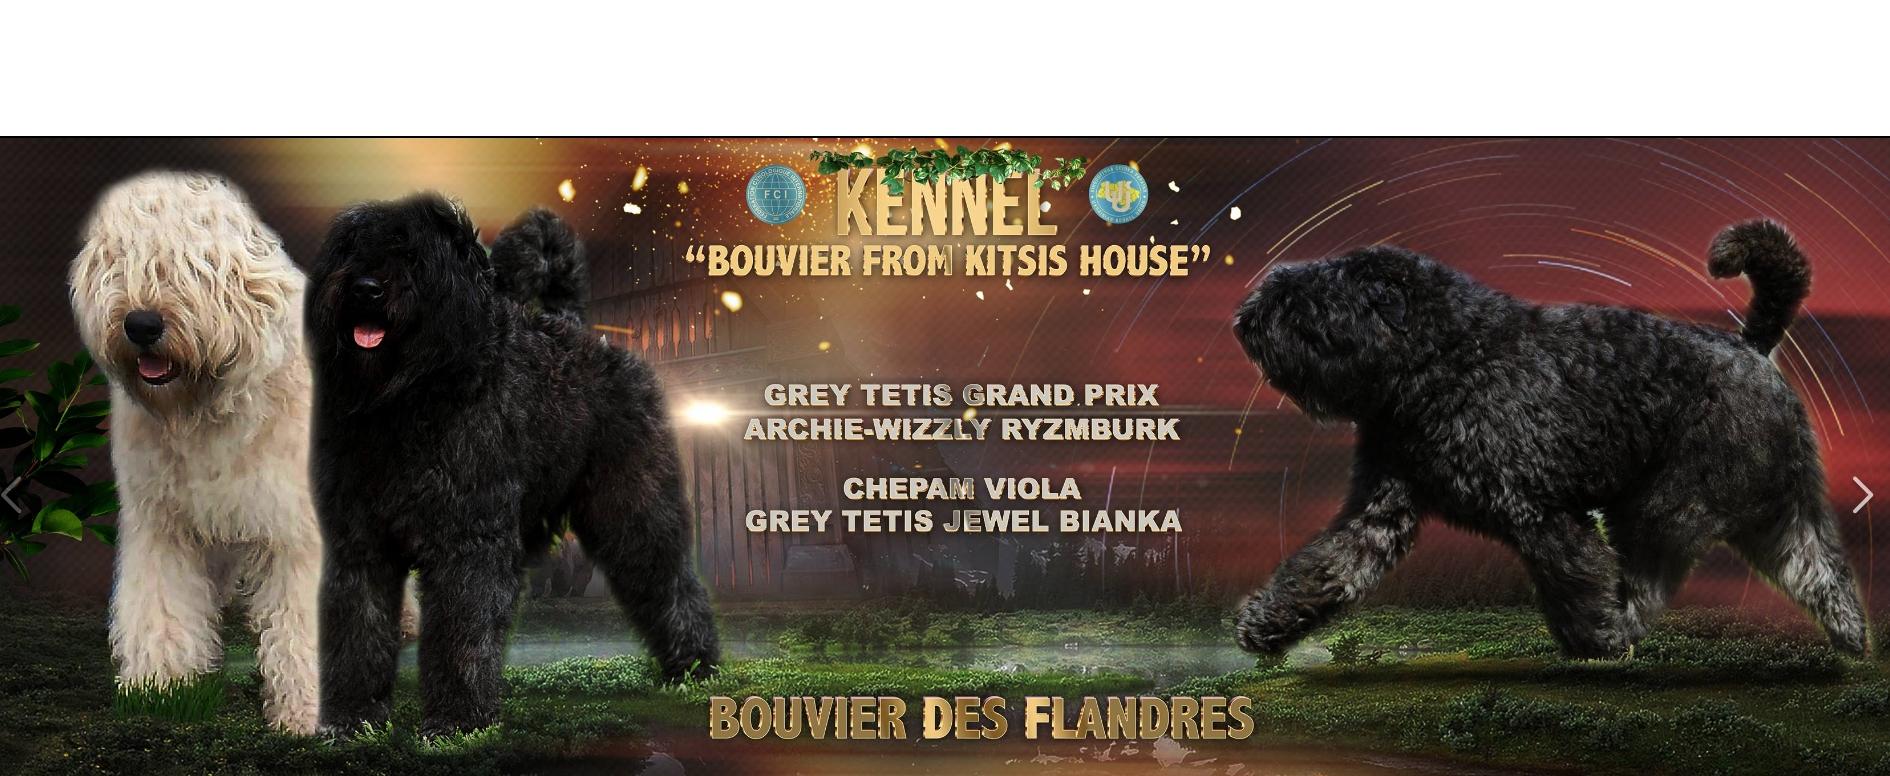 Bouvier Puppies Bouvier Kennel Bouvier Puppy For Sale